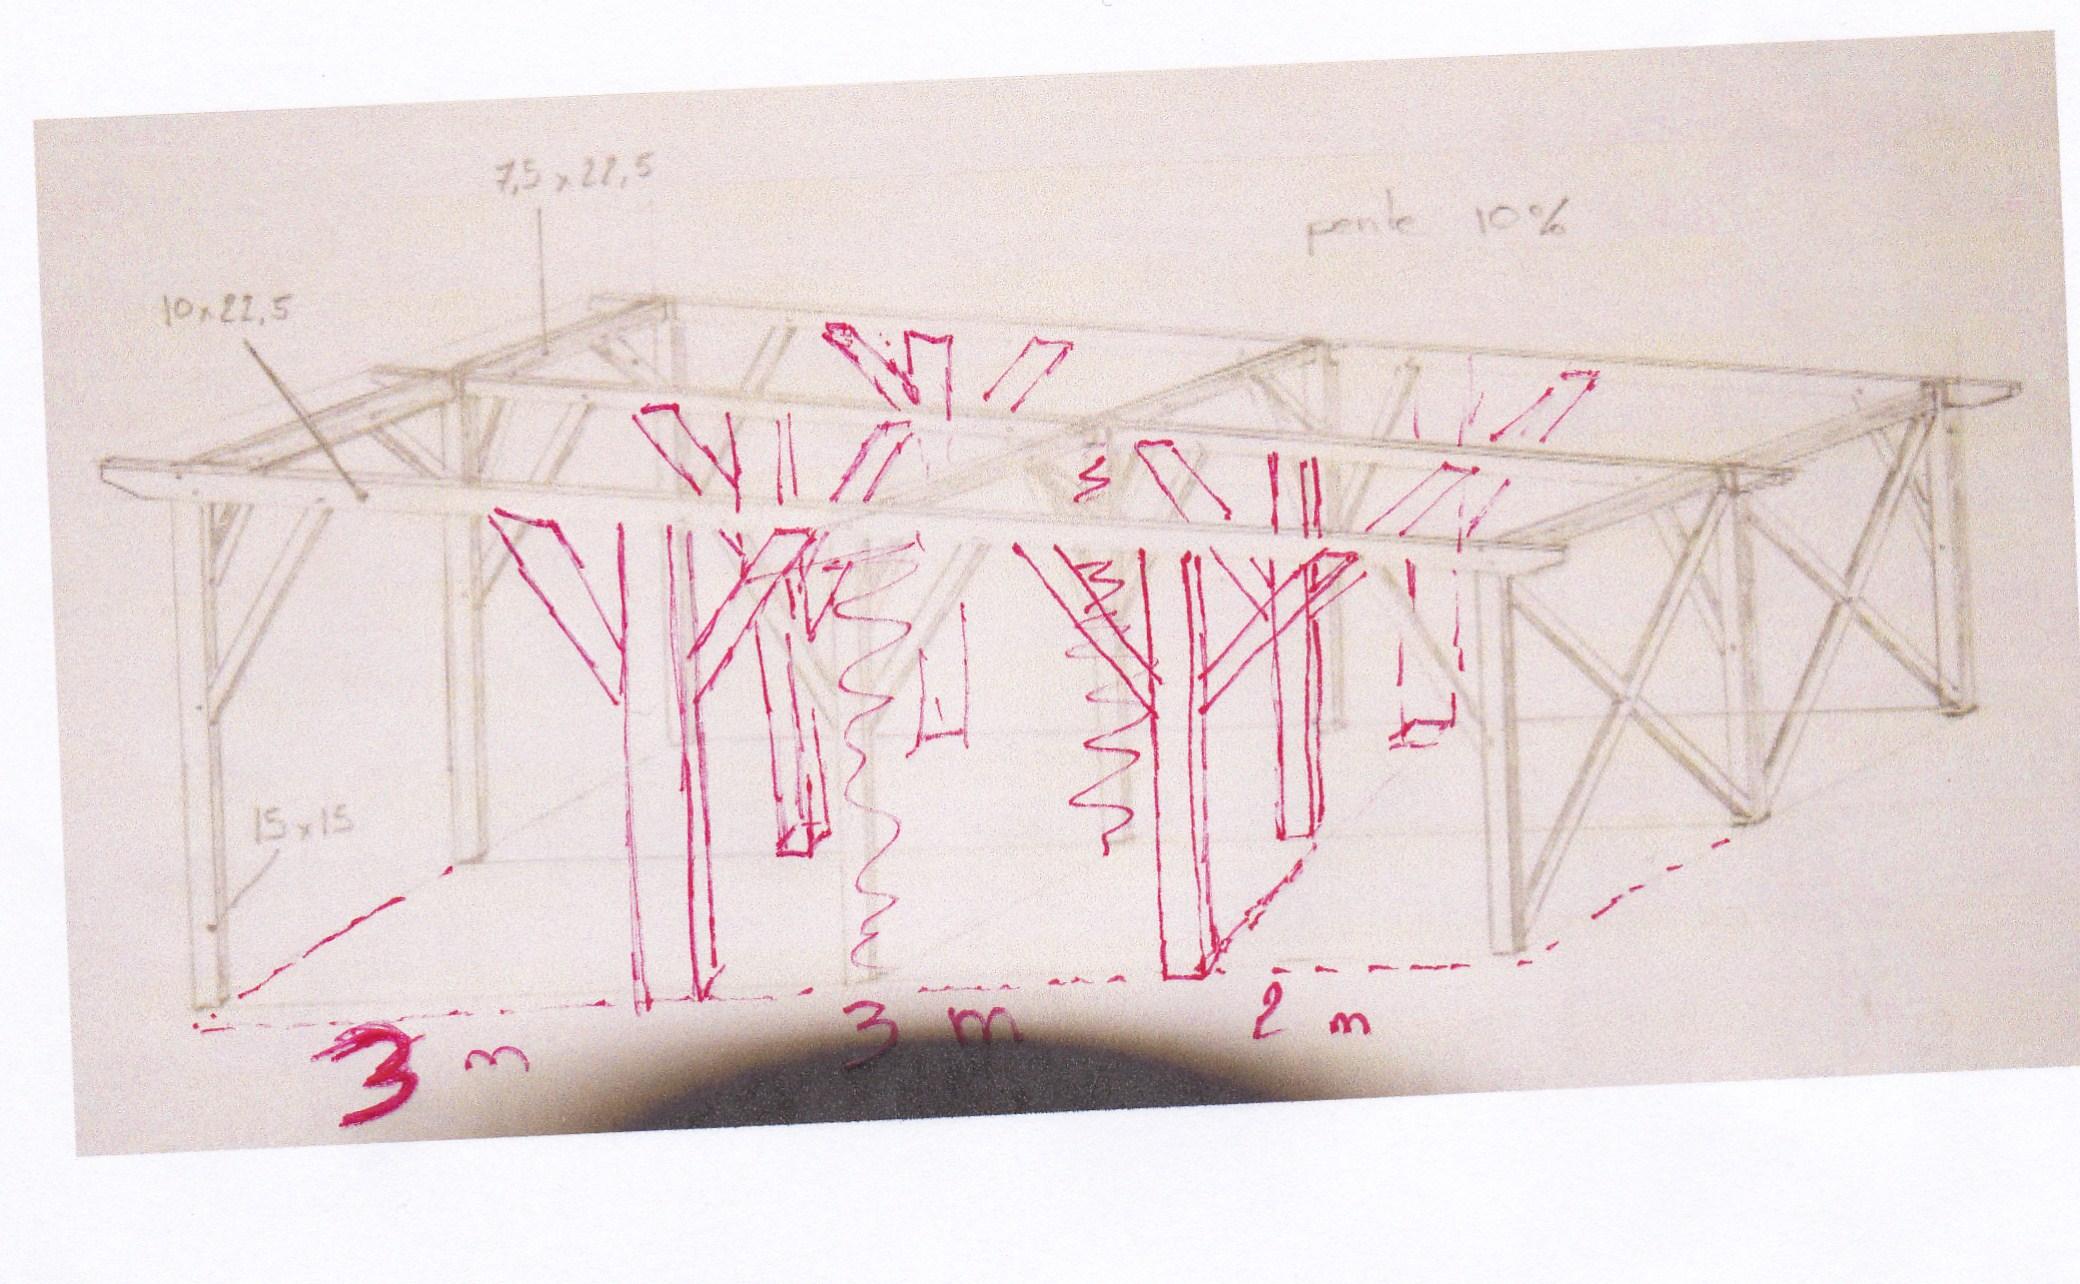 aide dimension charpente pour abri voiture 43 messages page 3. Black Bedroom Furniture Sets. Home Design Ideas